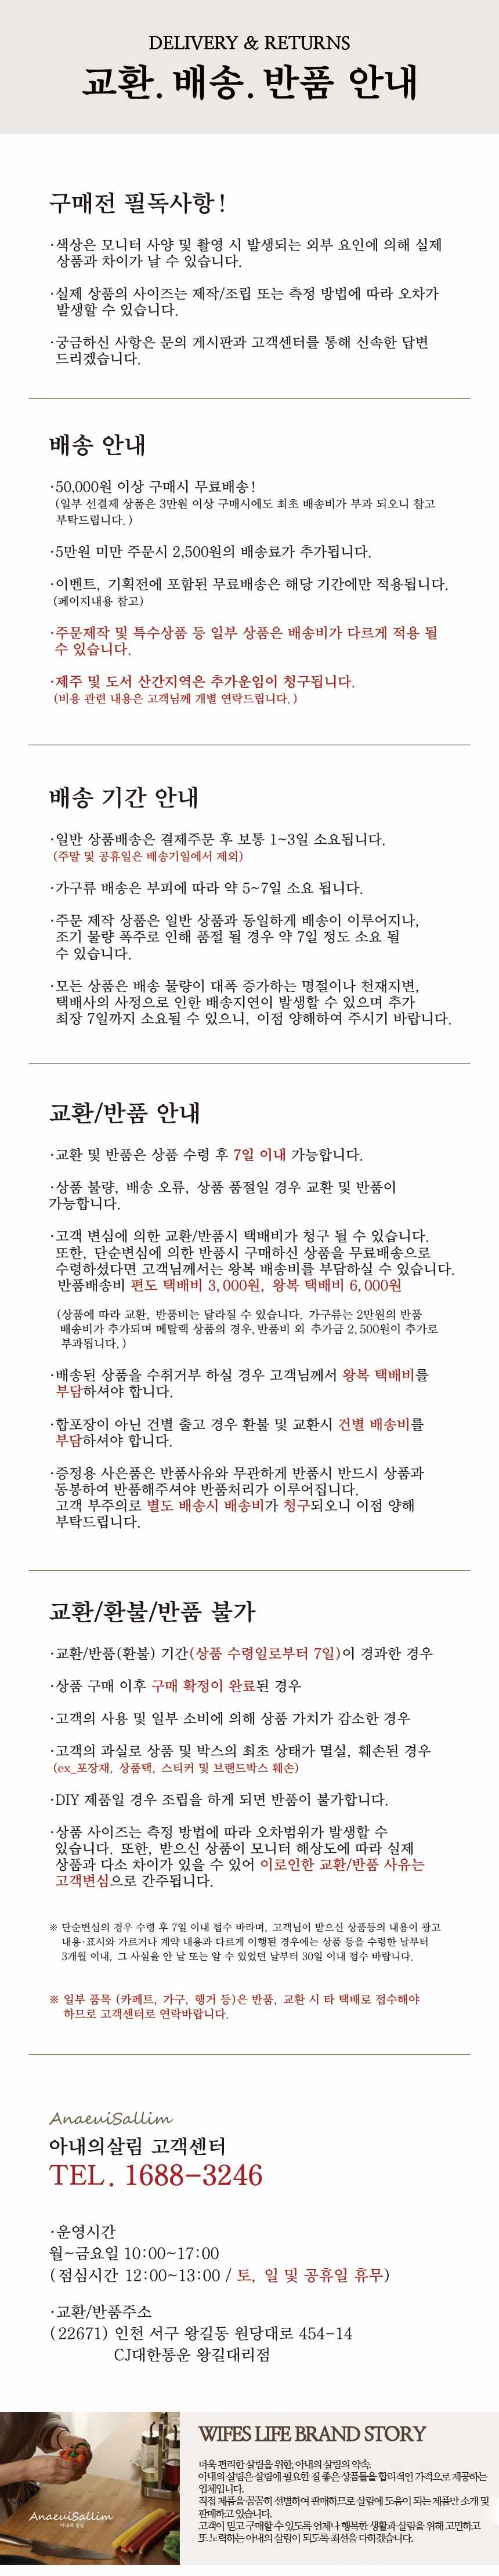 아내의살림-배송정보-5만-브랜드스토리-1.jpg